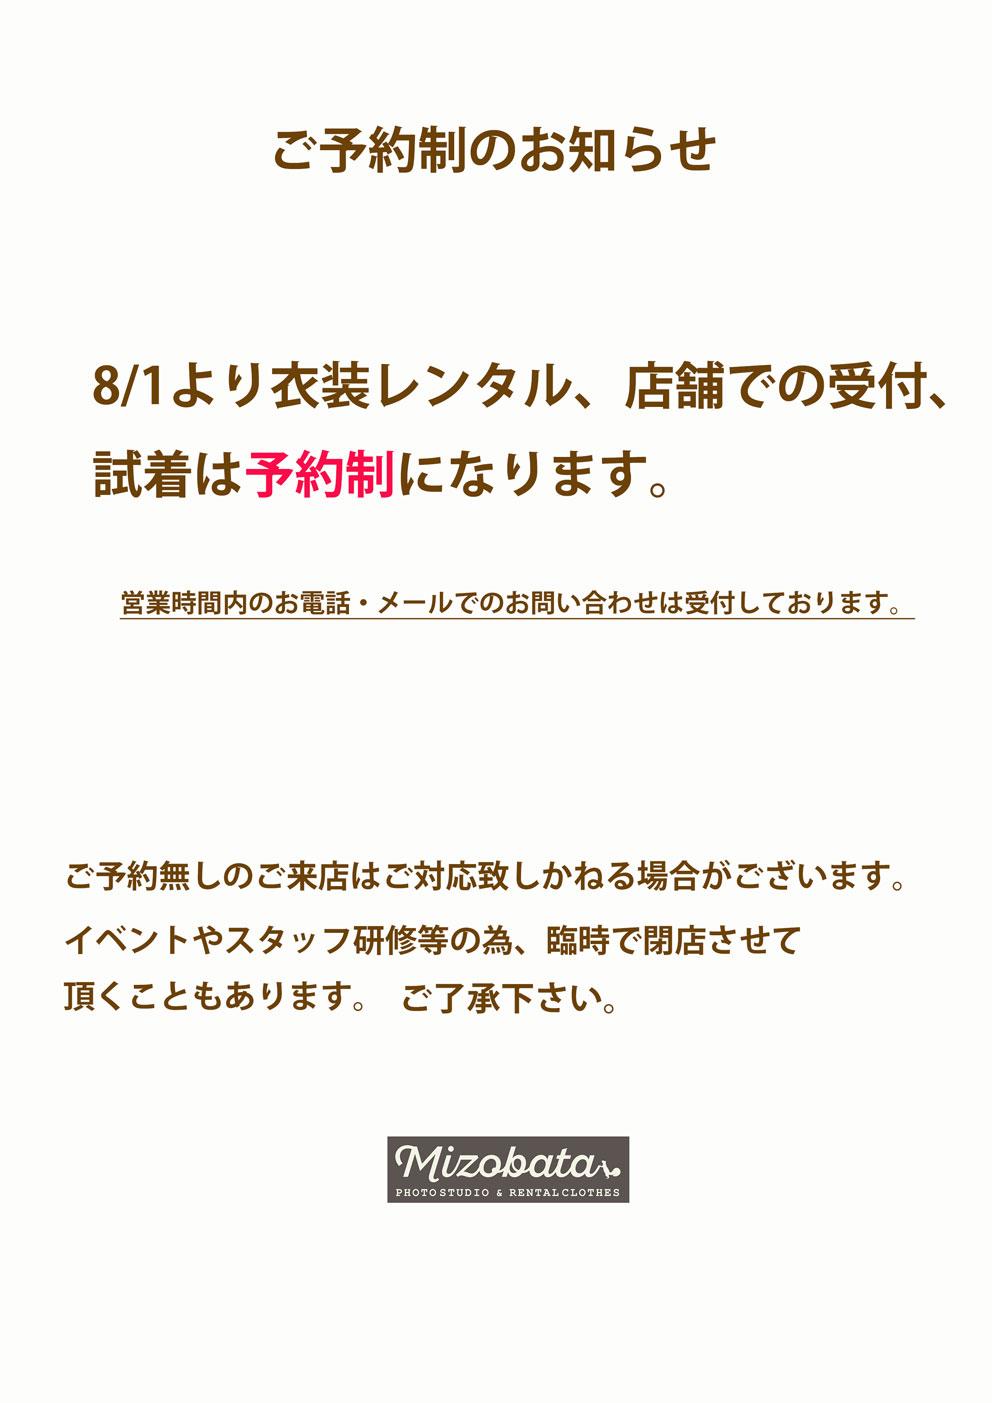 お知らせ.jpg2